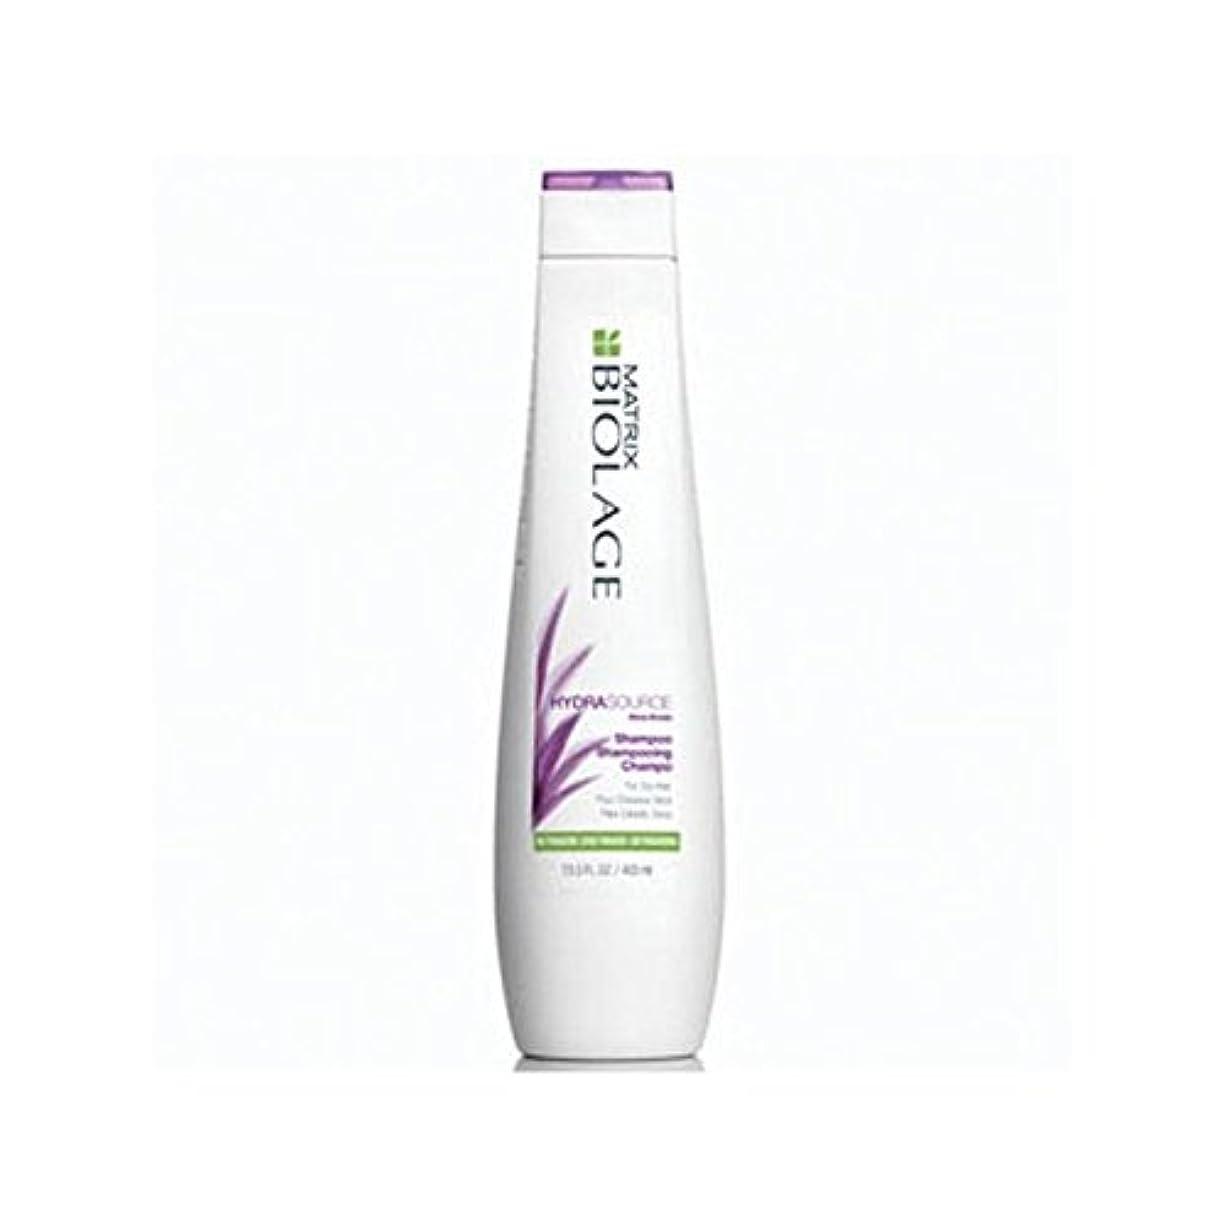 証明書円形のイノセンスマトリックスバイオレイジのシャンプー(400ミリリットル) x2 - Matrix Biolage Hydrasource Shampoo (400ml) (Pack of 2) [並行輸入品]